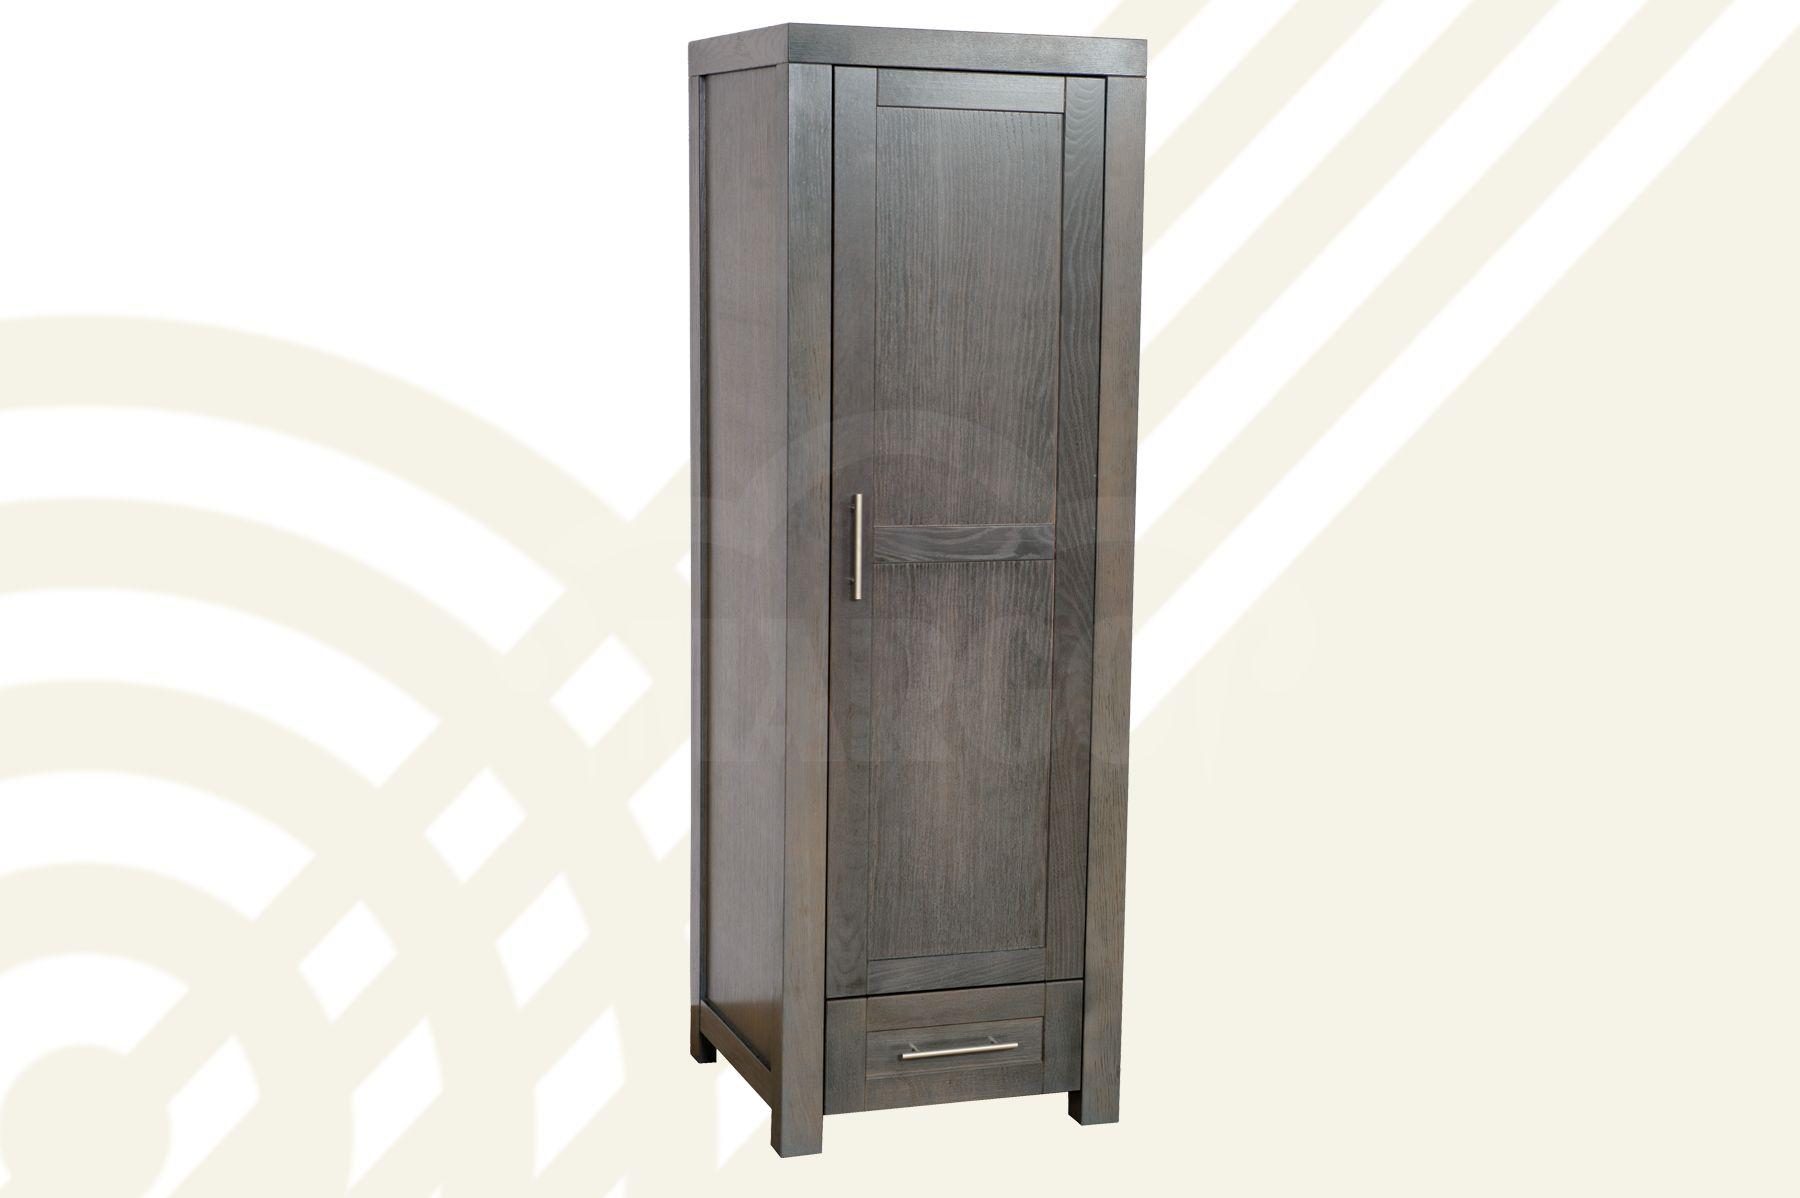 Dubová šatní skříň I D